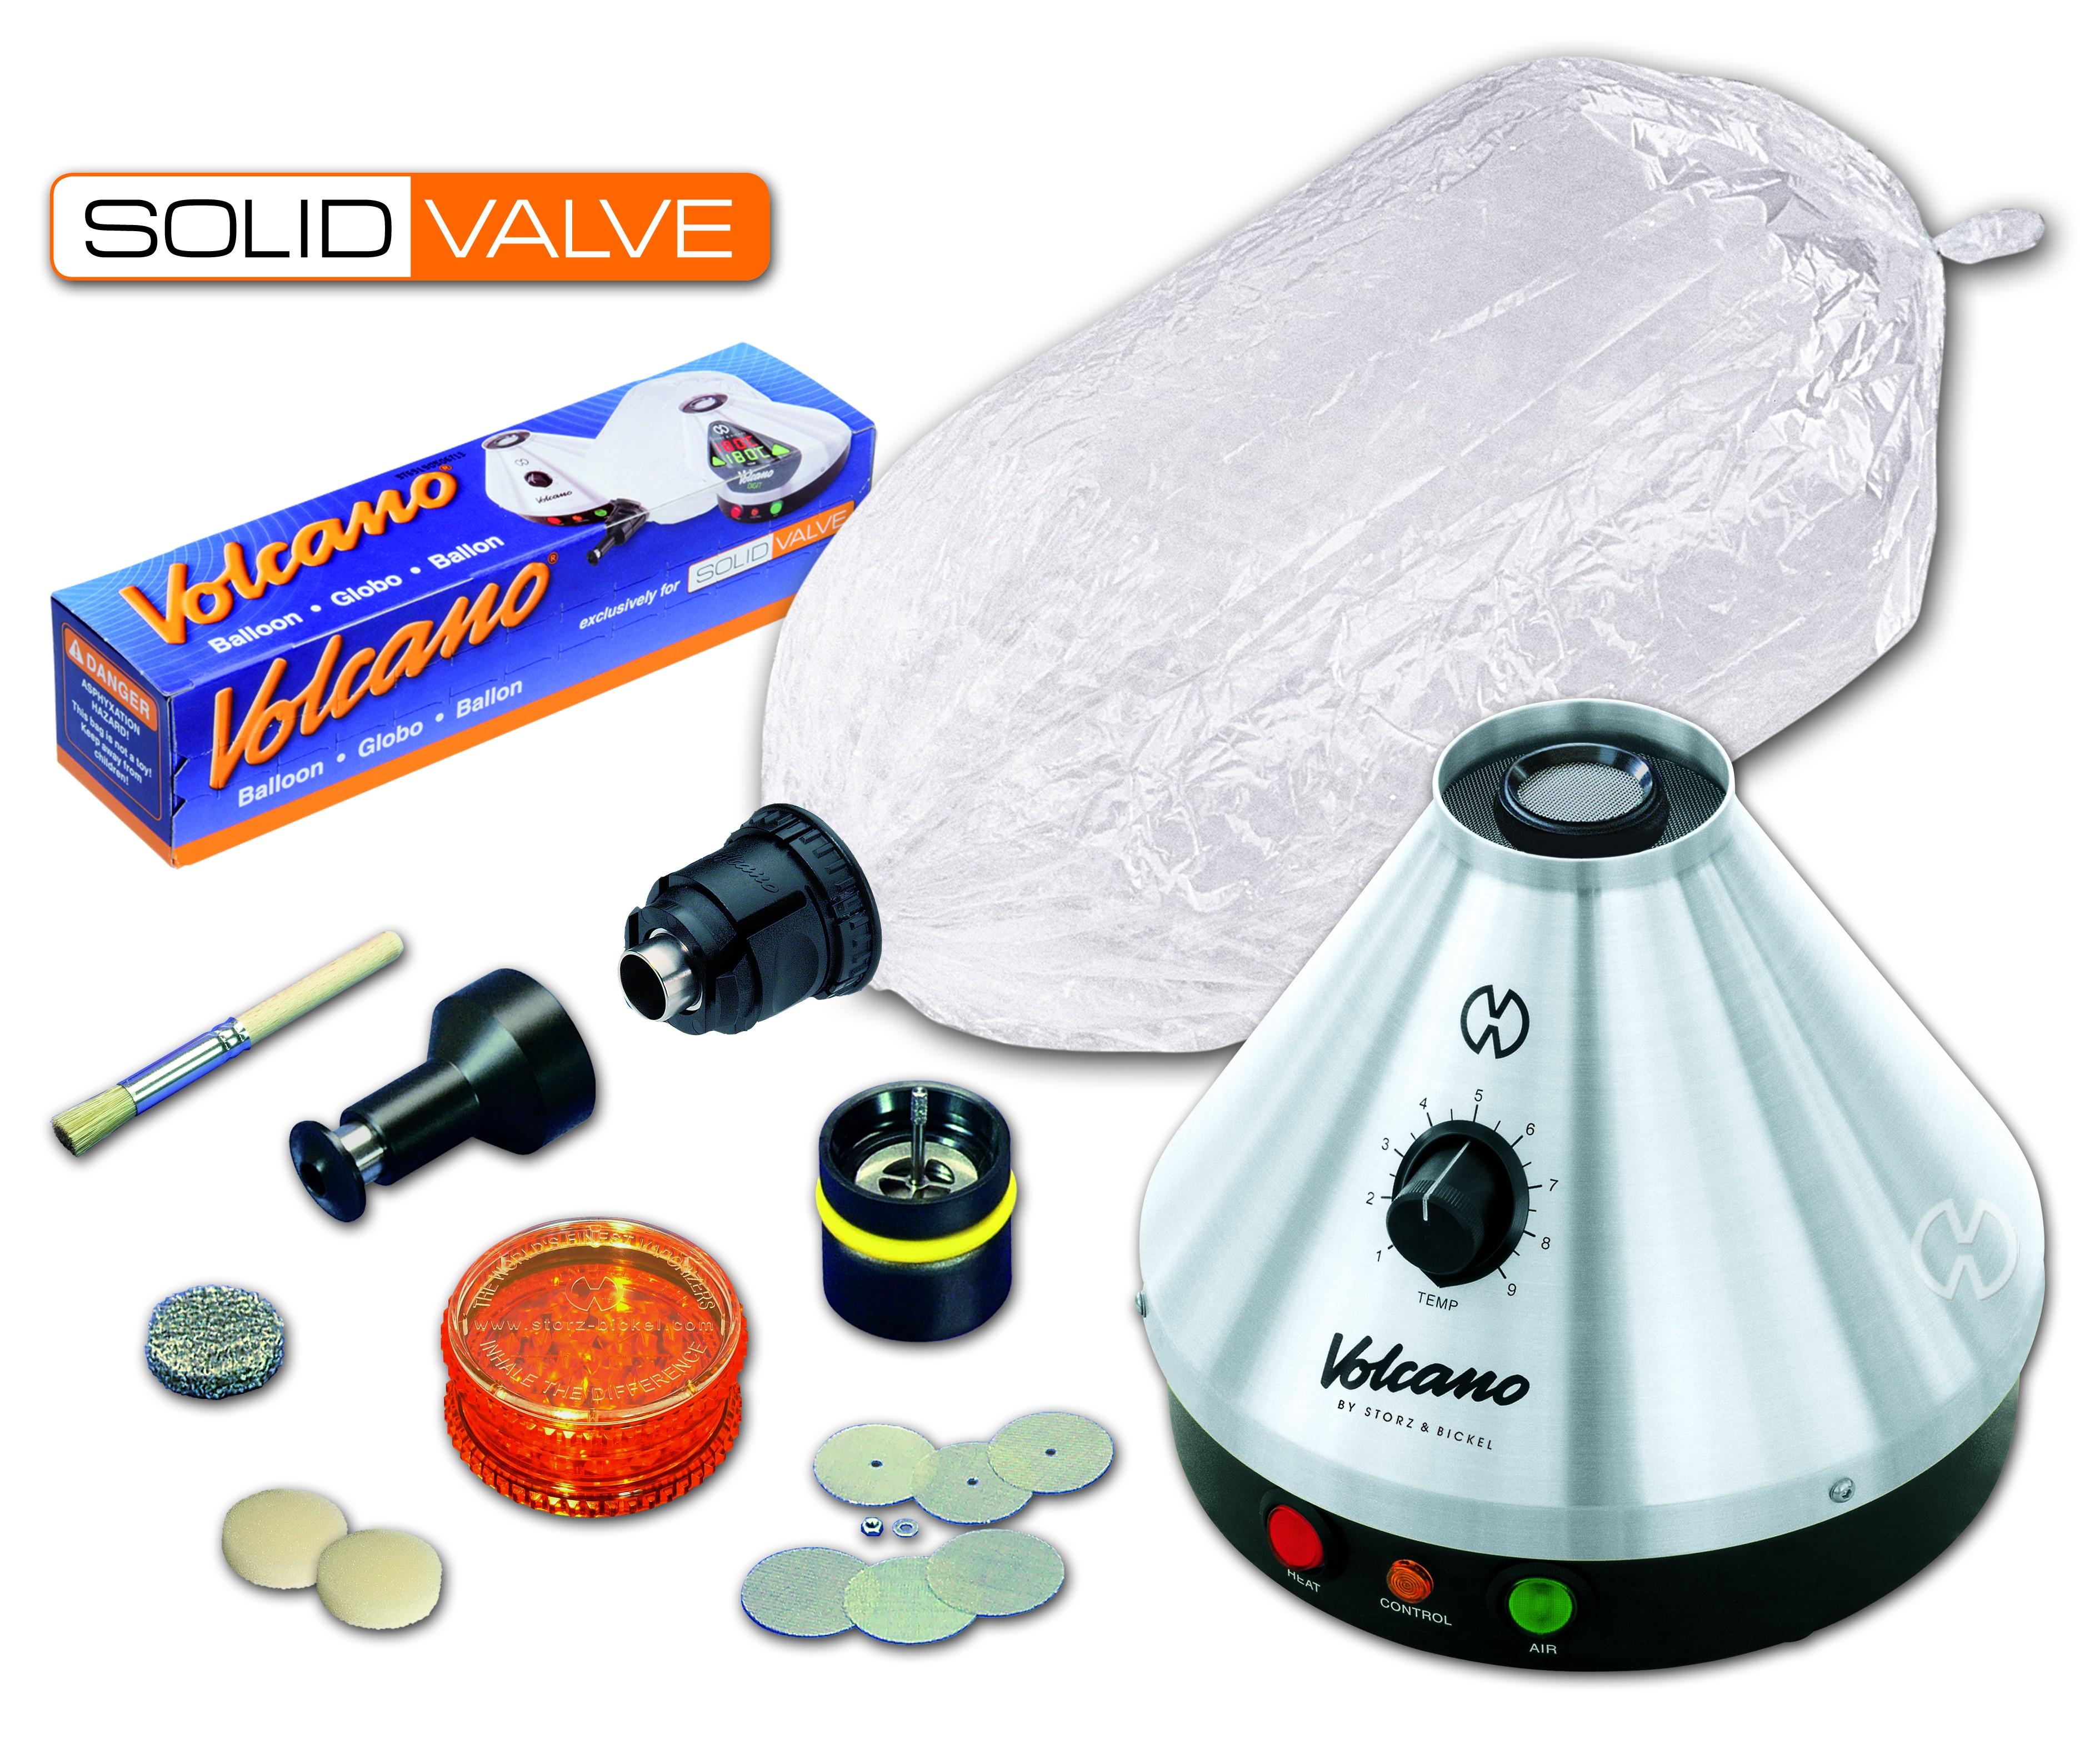 Vaporizer Volcano Classic Solid Valve set (vaporizer,inhalátor,odpařovač)